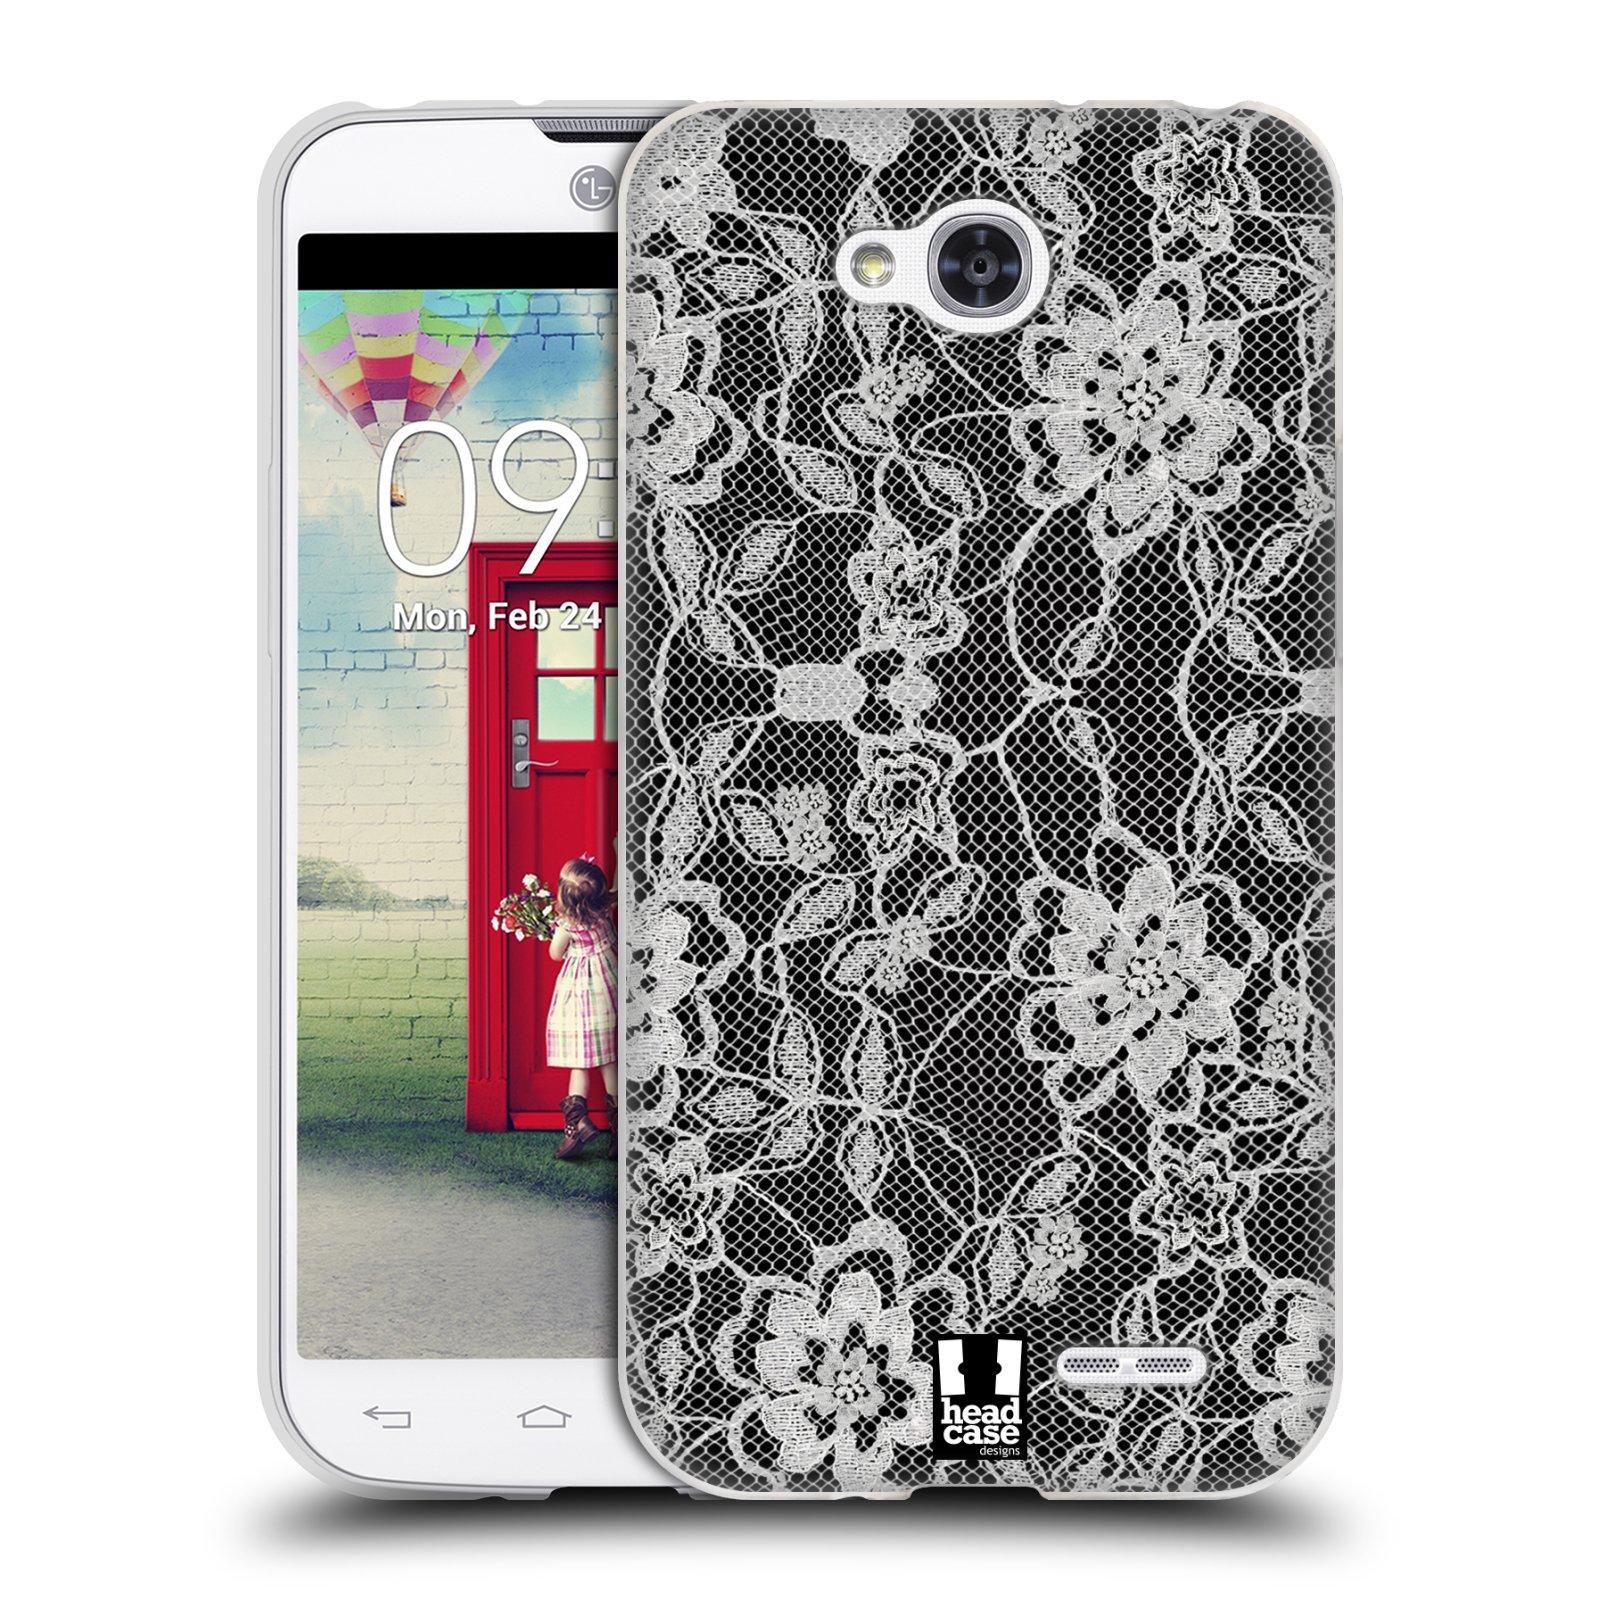 Silikonové pouzdro na mobil LG L90 HEAD CASE FLOWERY KRAJKA (Silikonový kryt či obal na mobilní telefon LG L90 D405n)